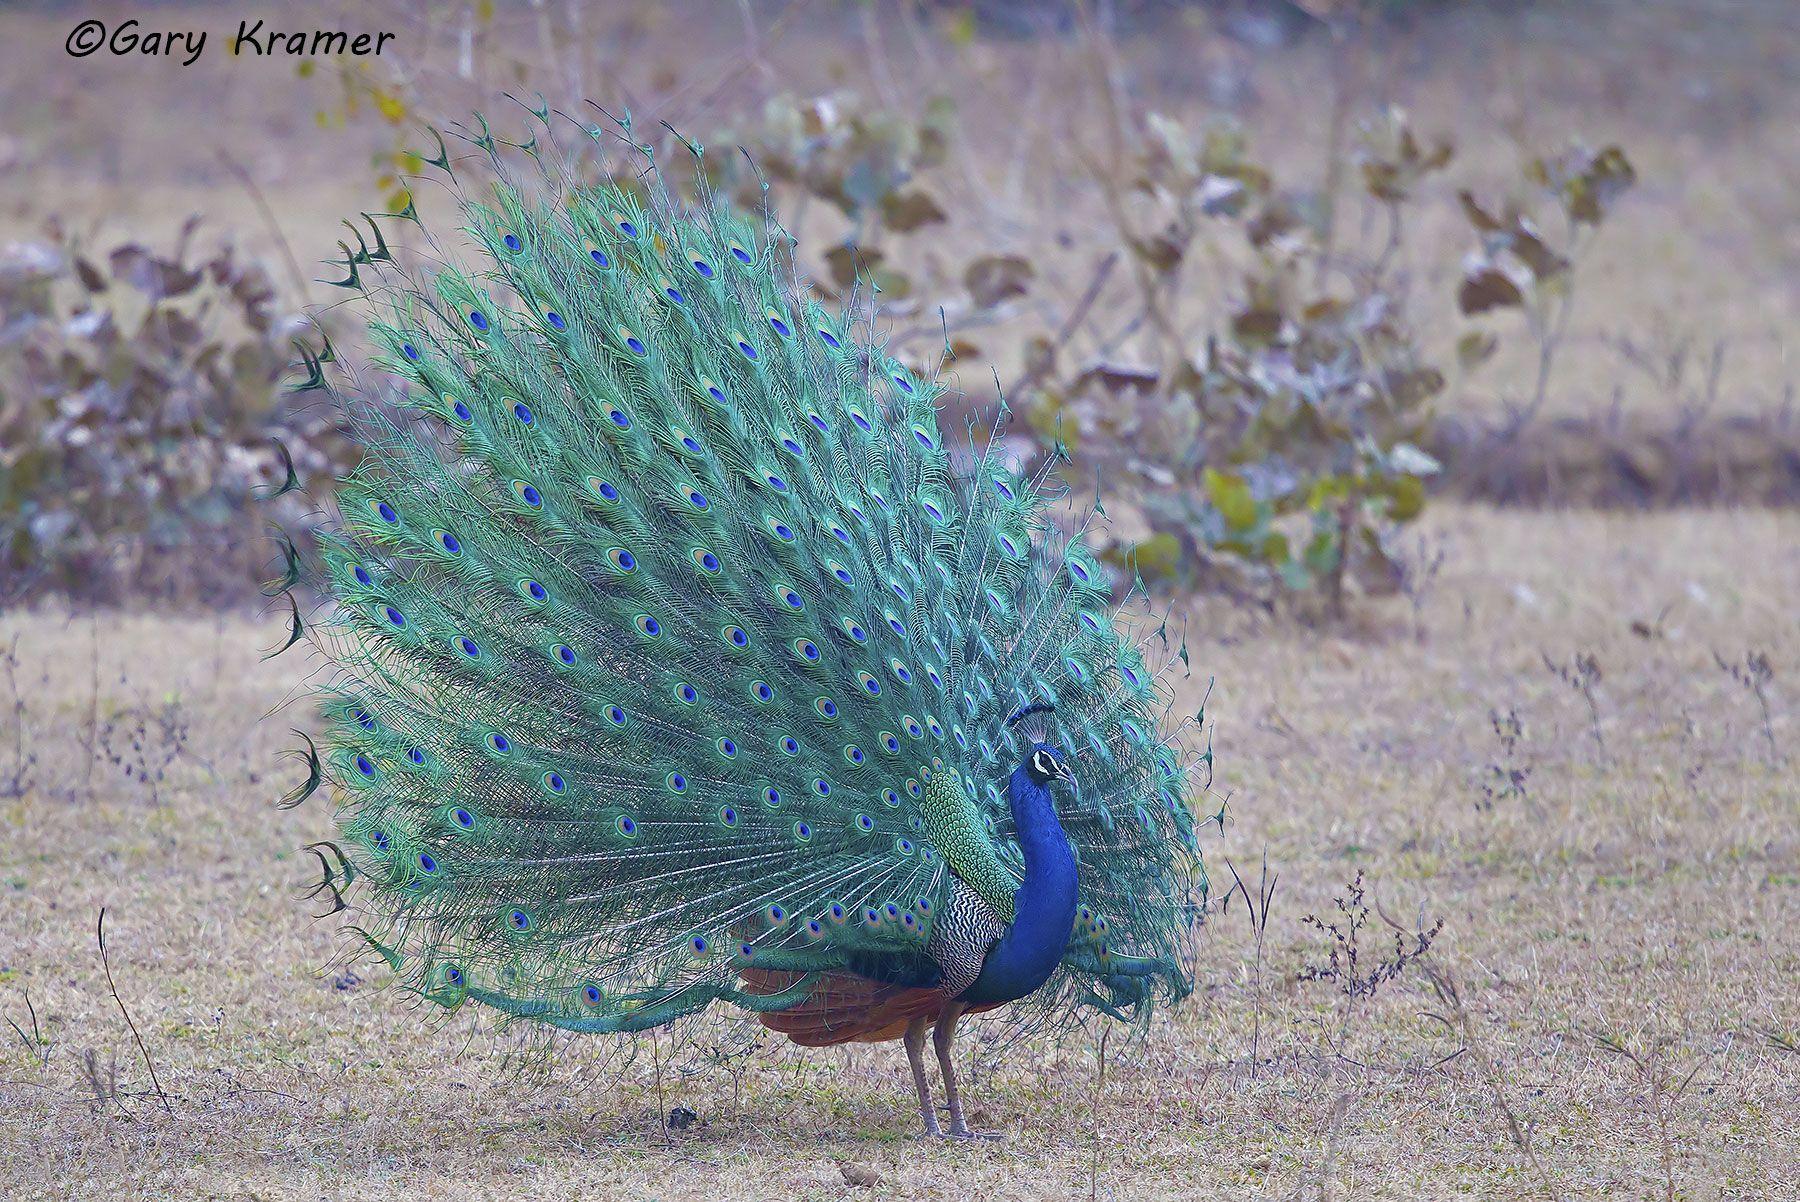 Indian (Common) Peafowl (Pavo cristatus) - AsBP#011d